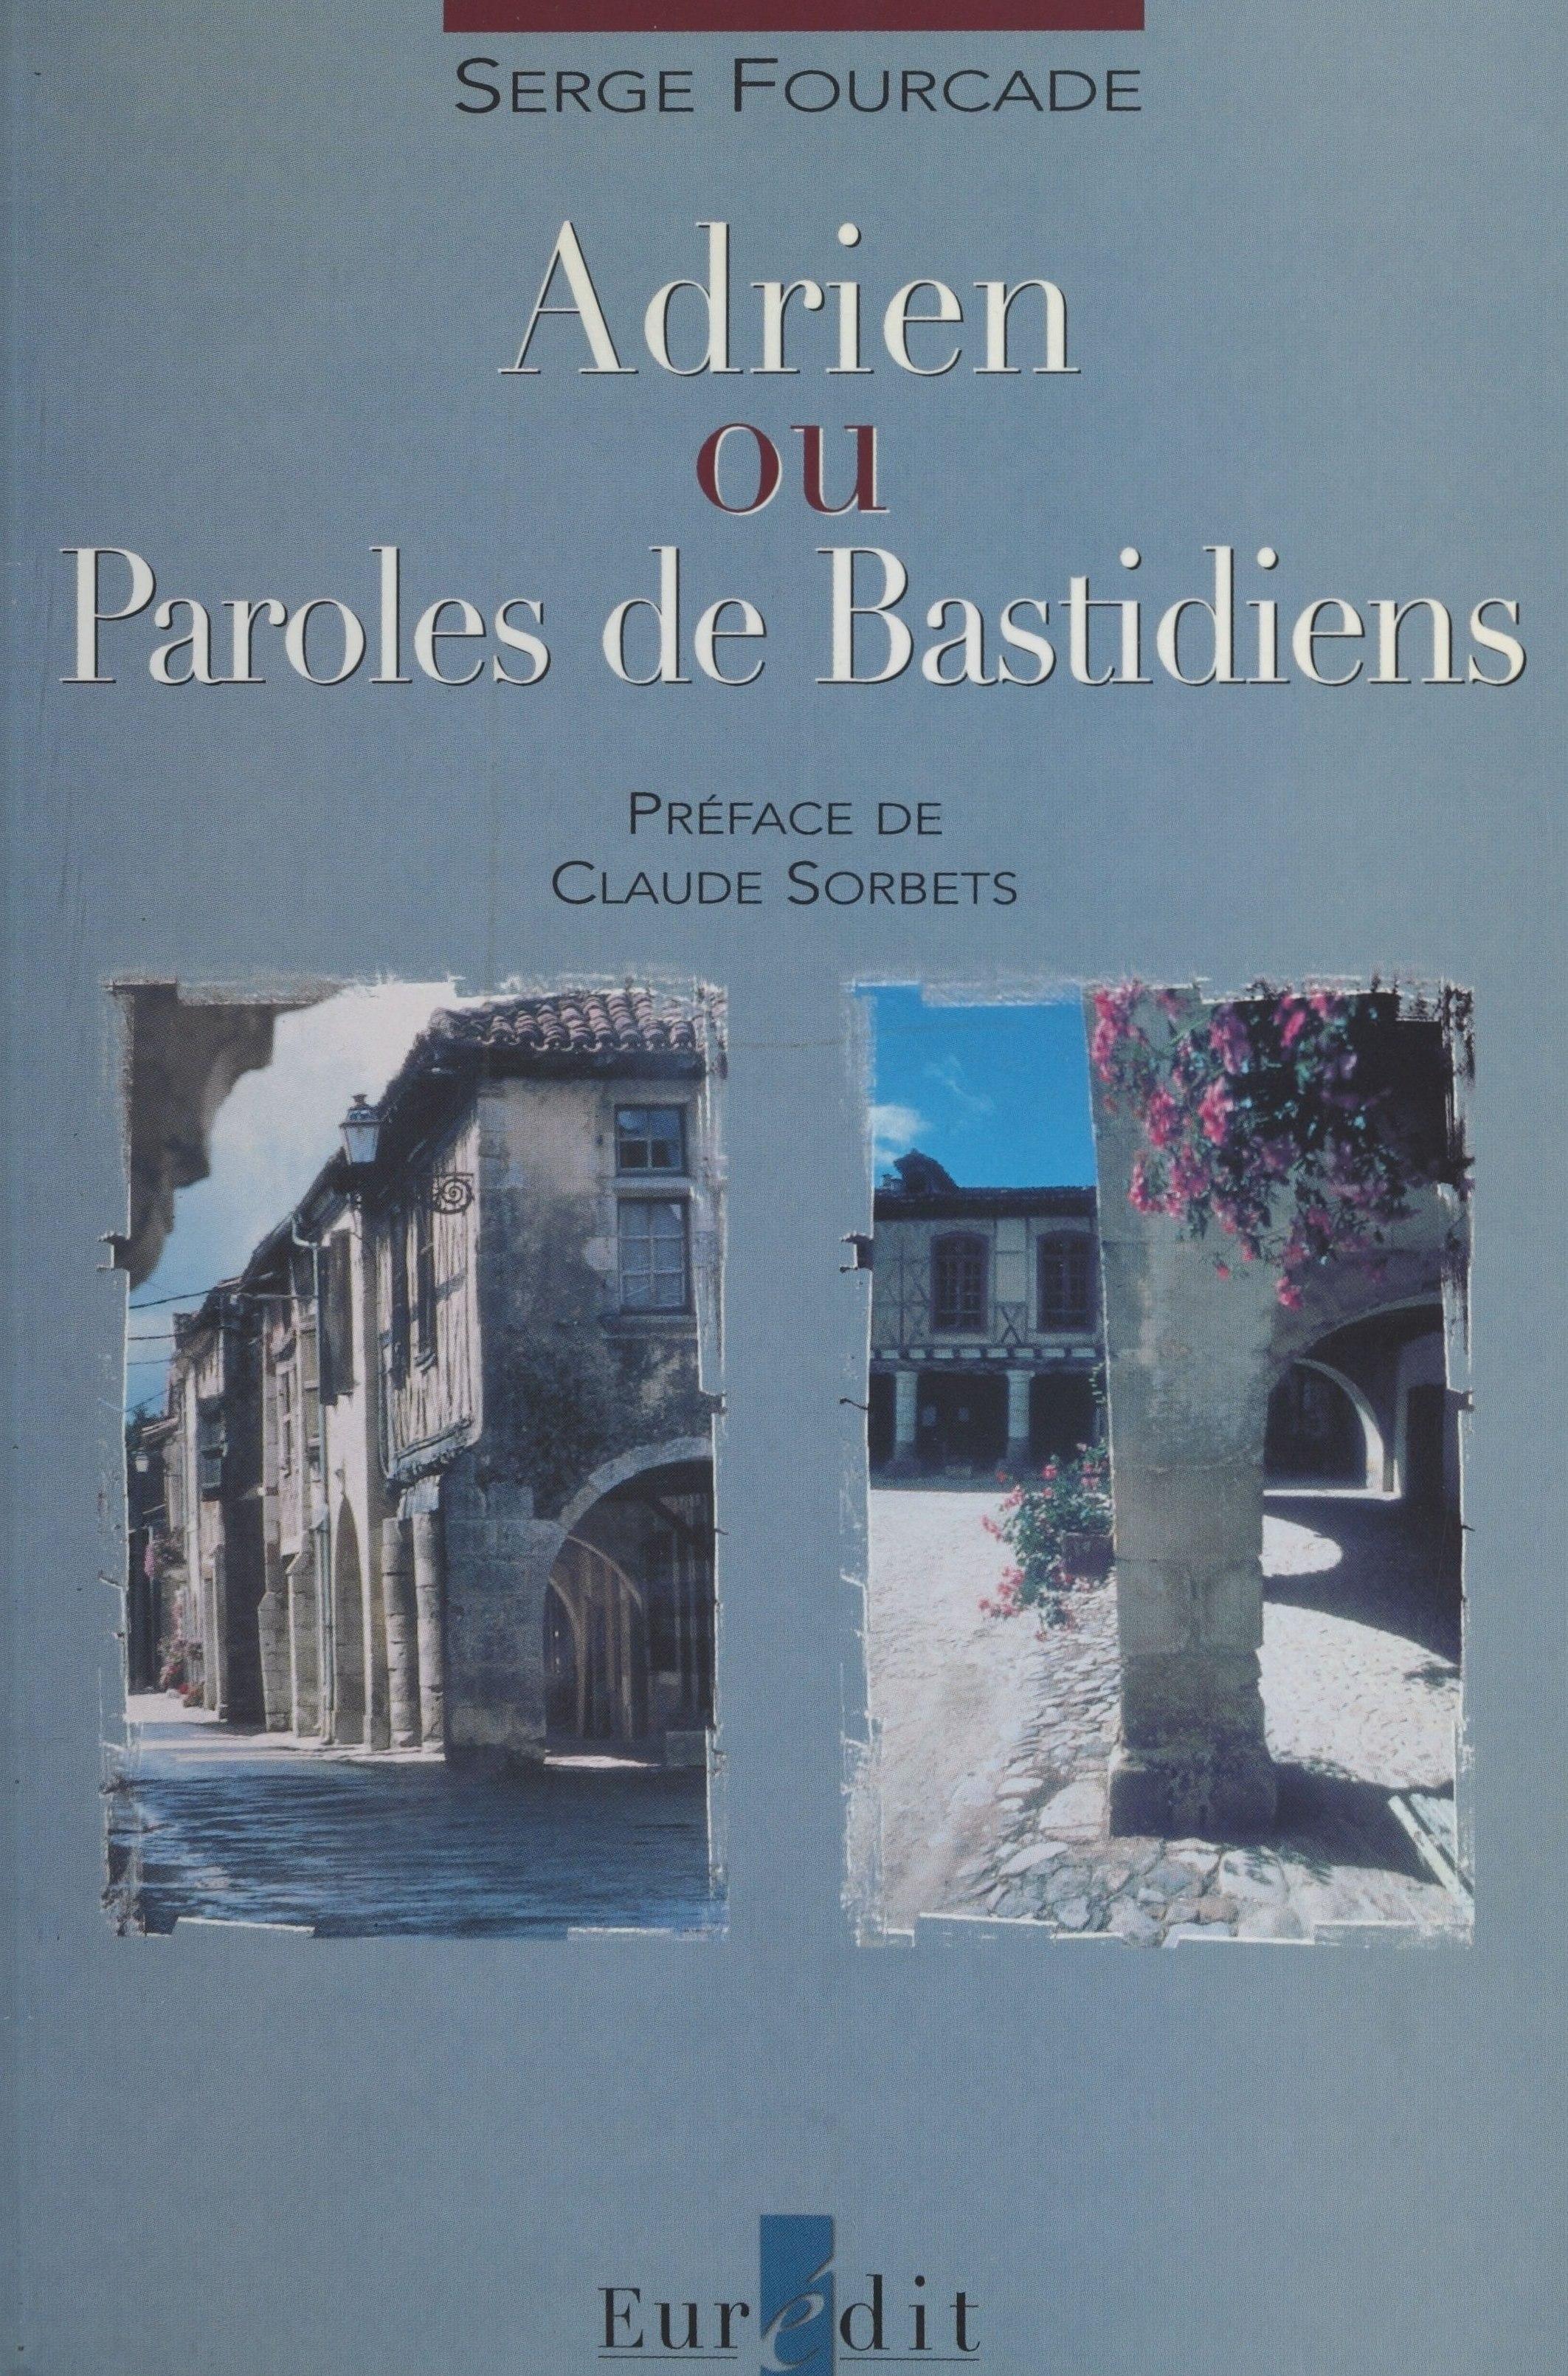 Adrien ou Paroles de Bastidiens